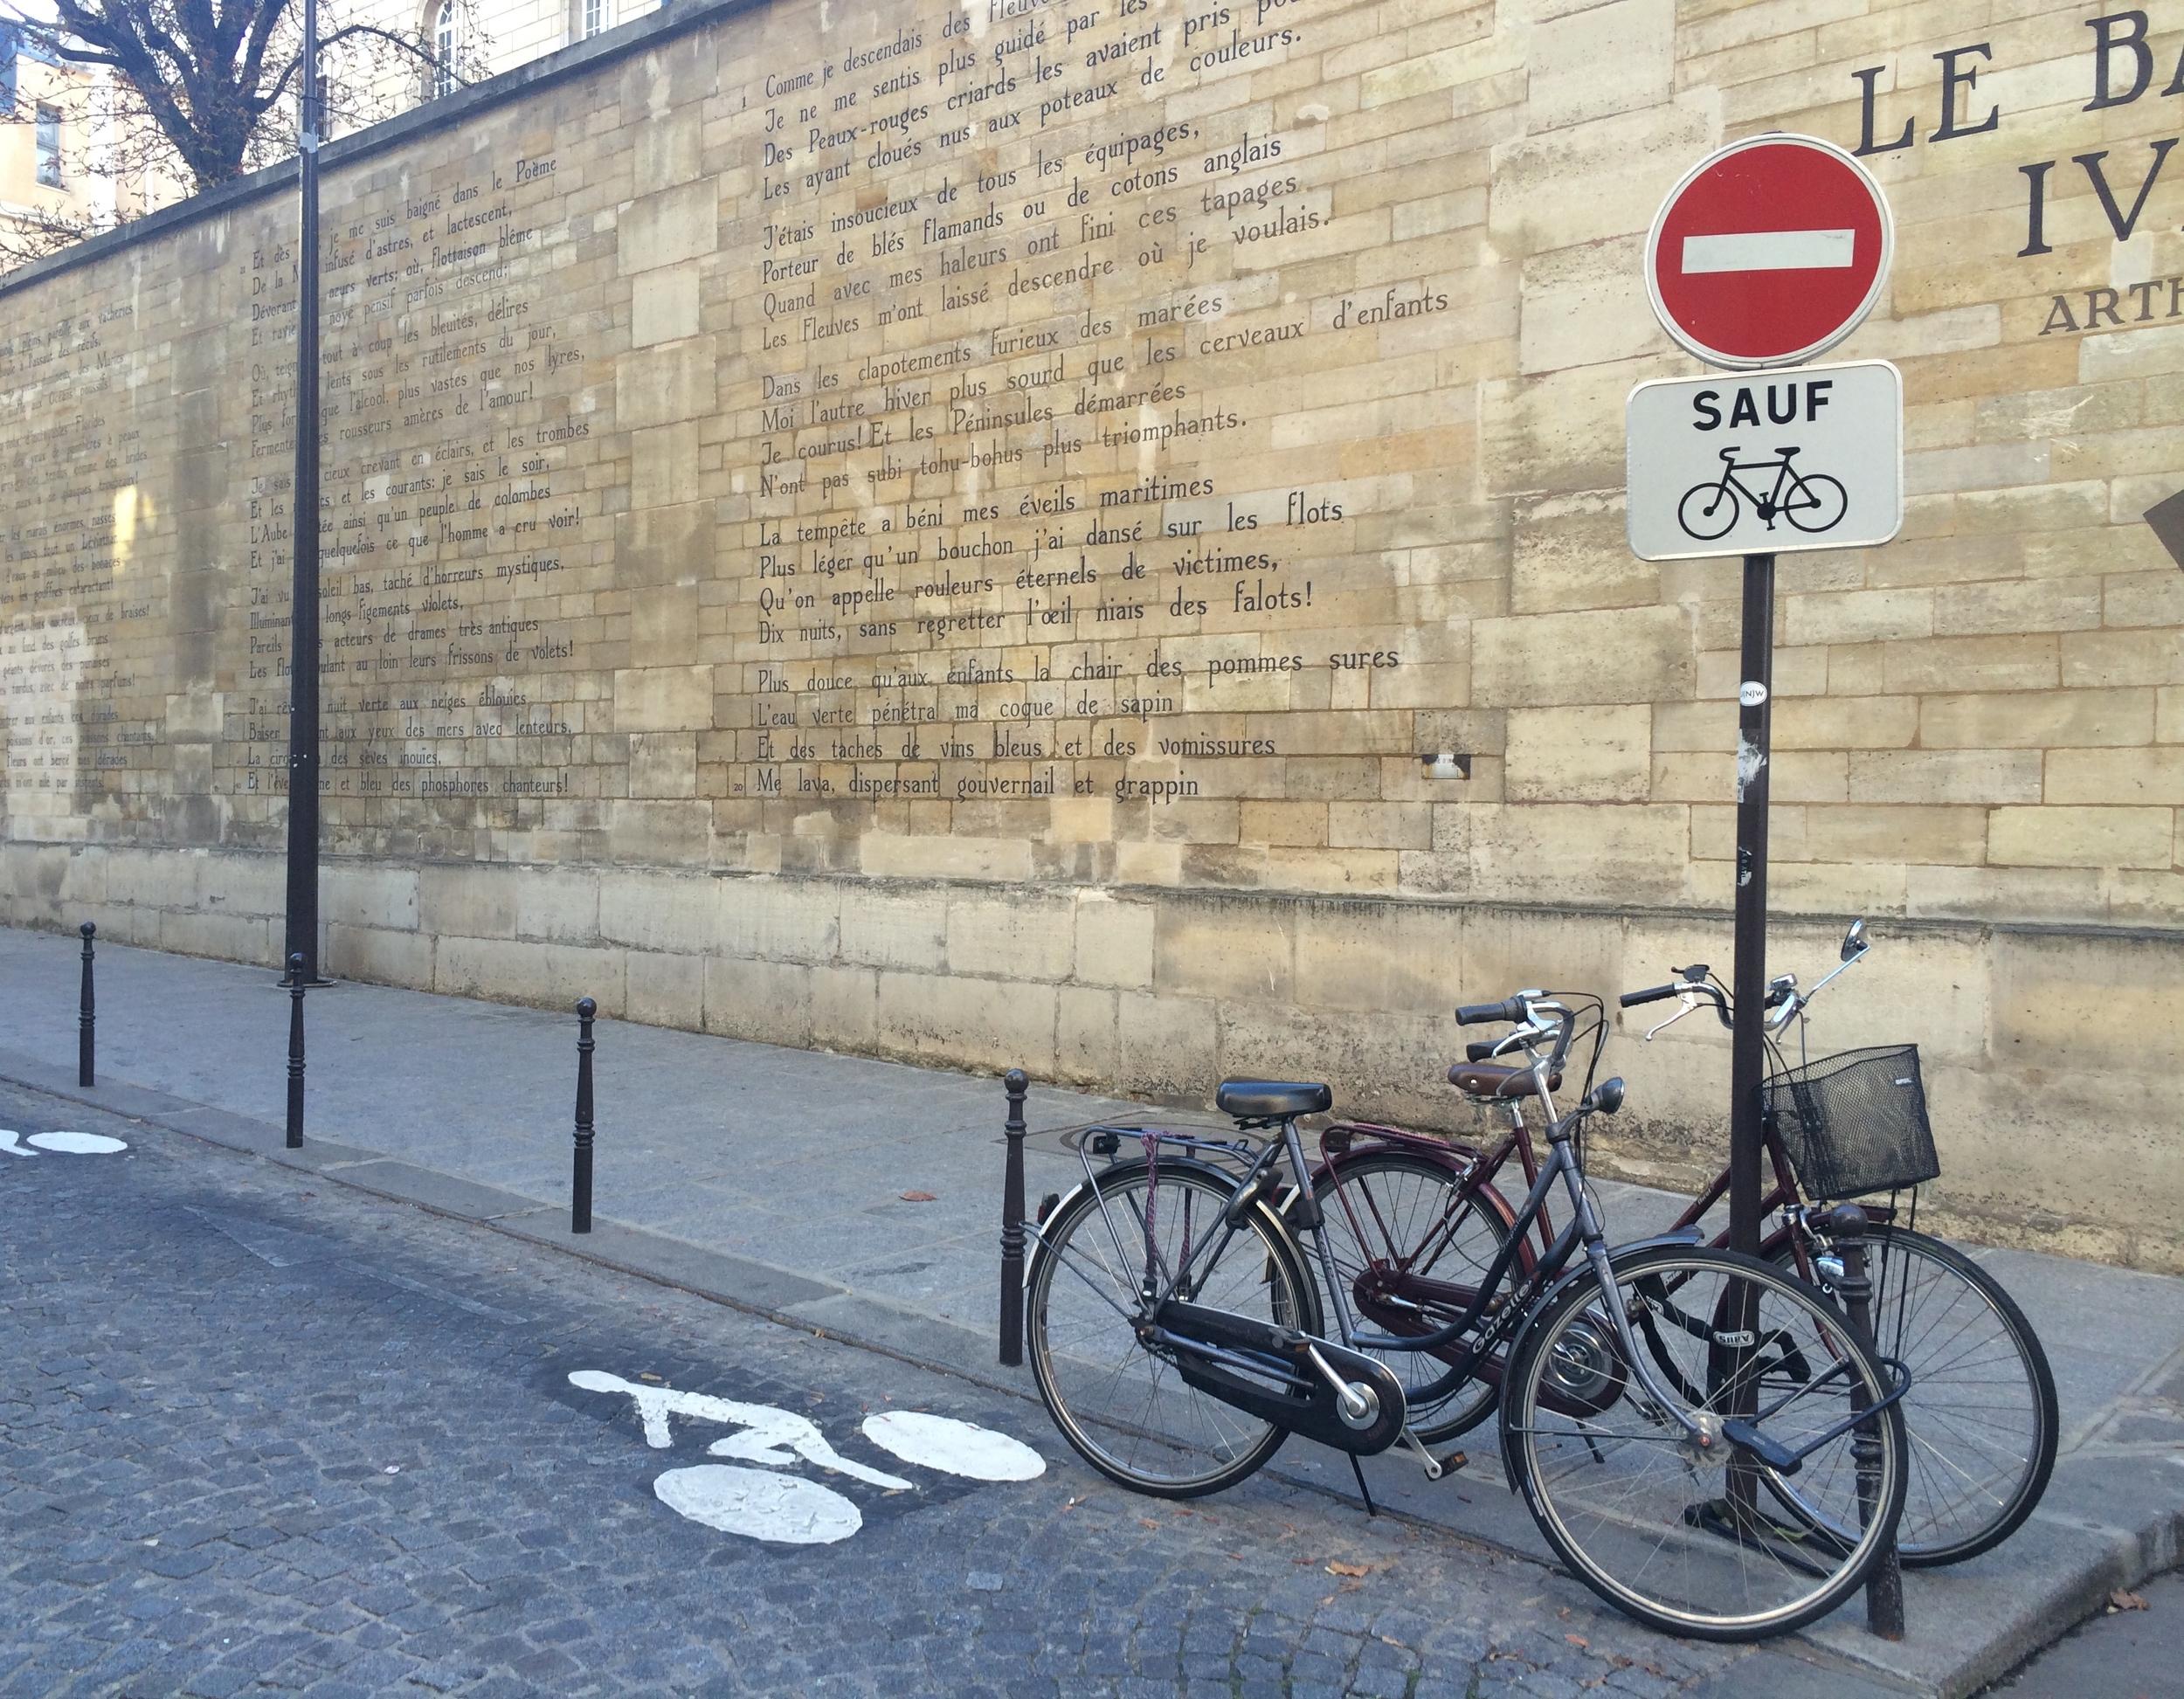 Rue Férou, Le Bateau Ivre - Rimbaud